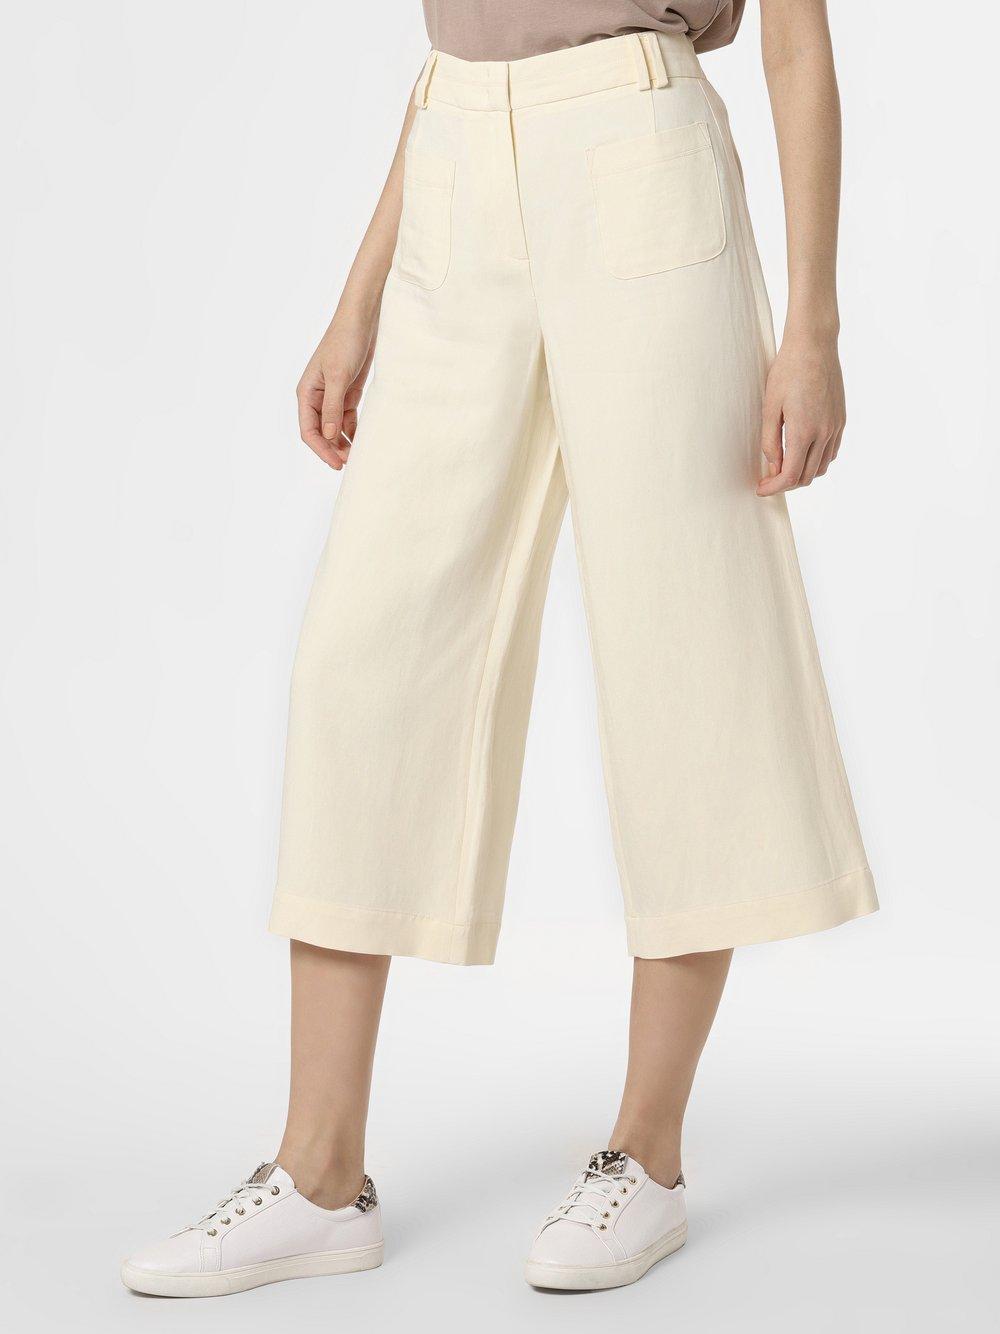 More & More - Spodnie damskie, żółty